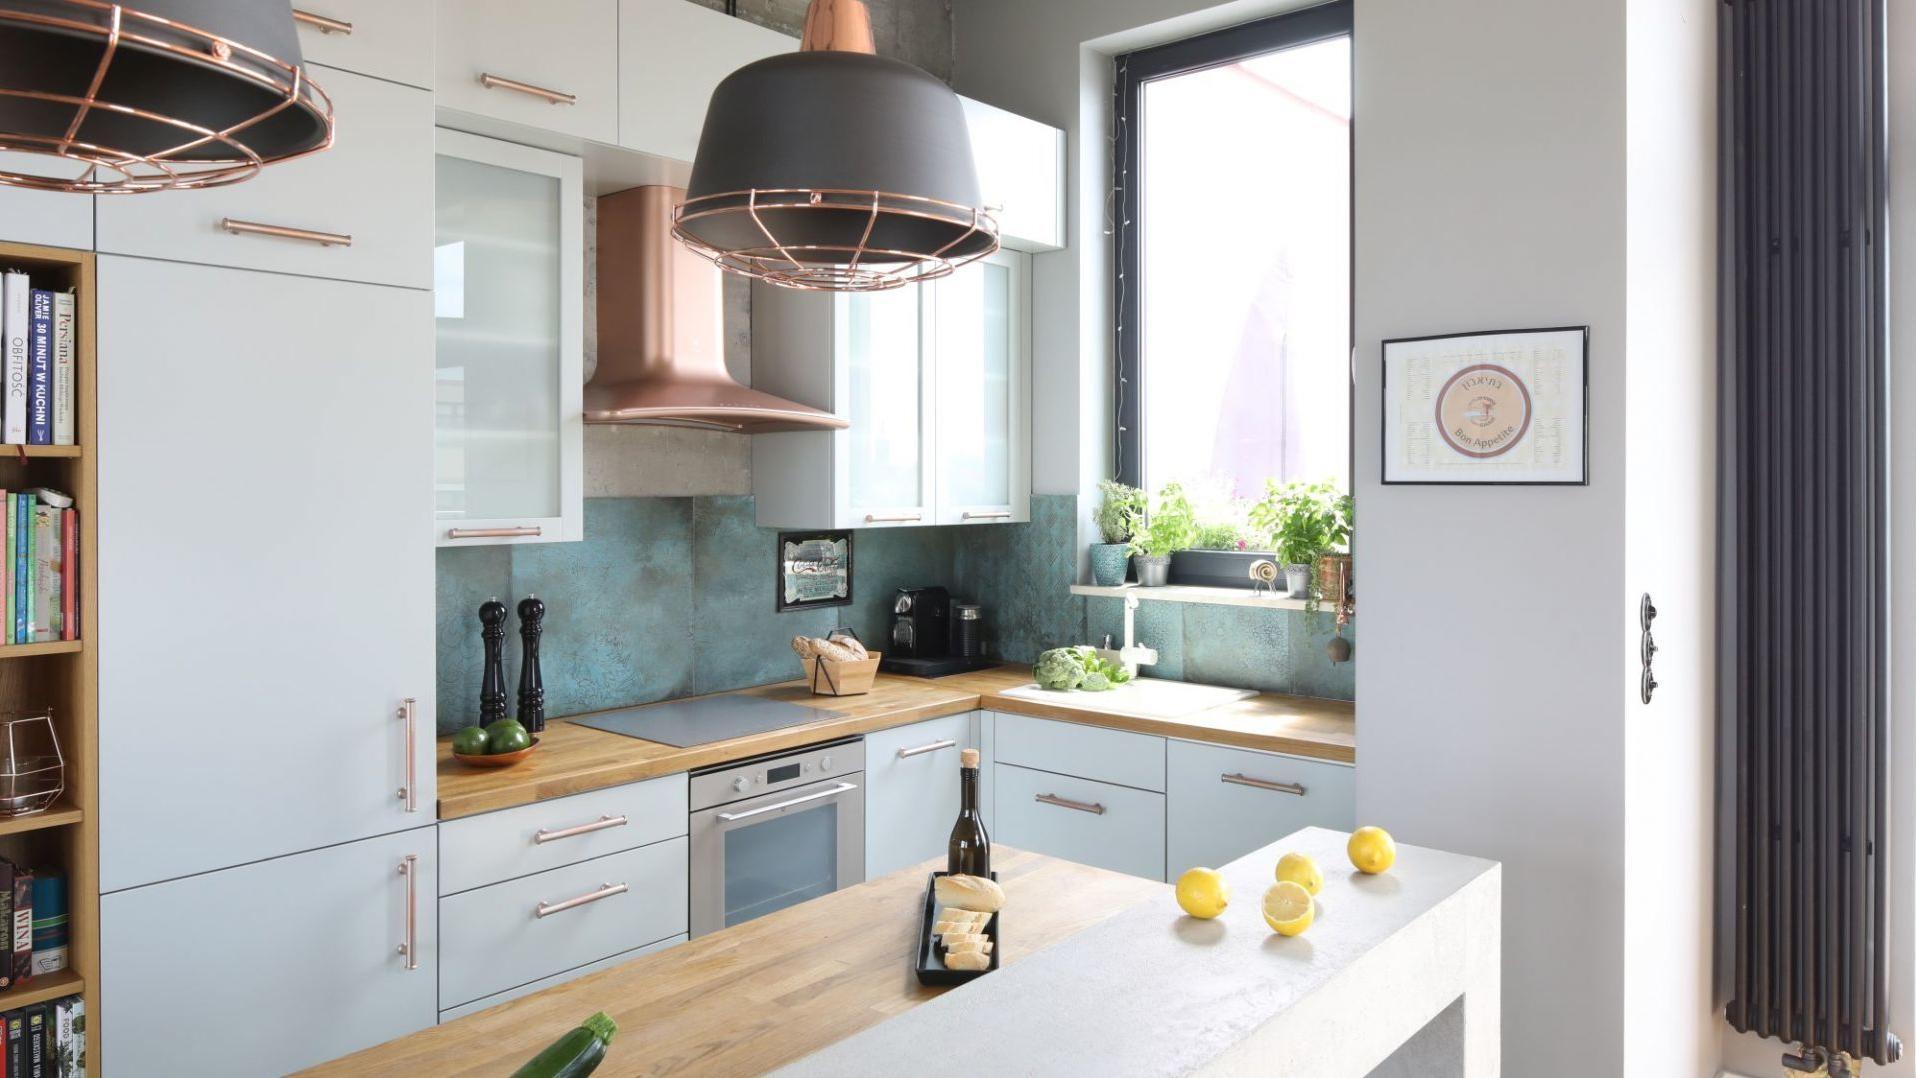 Nowoczesna Jasna Kuchnia 15 Najpiekniejszych Projektow Dom